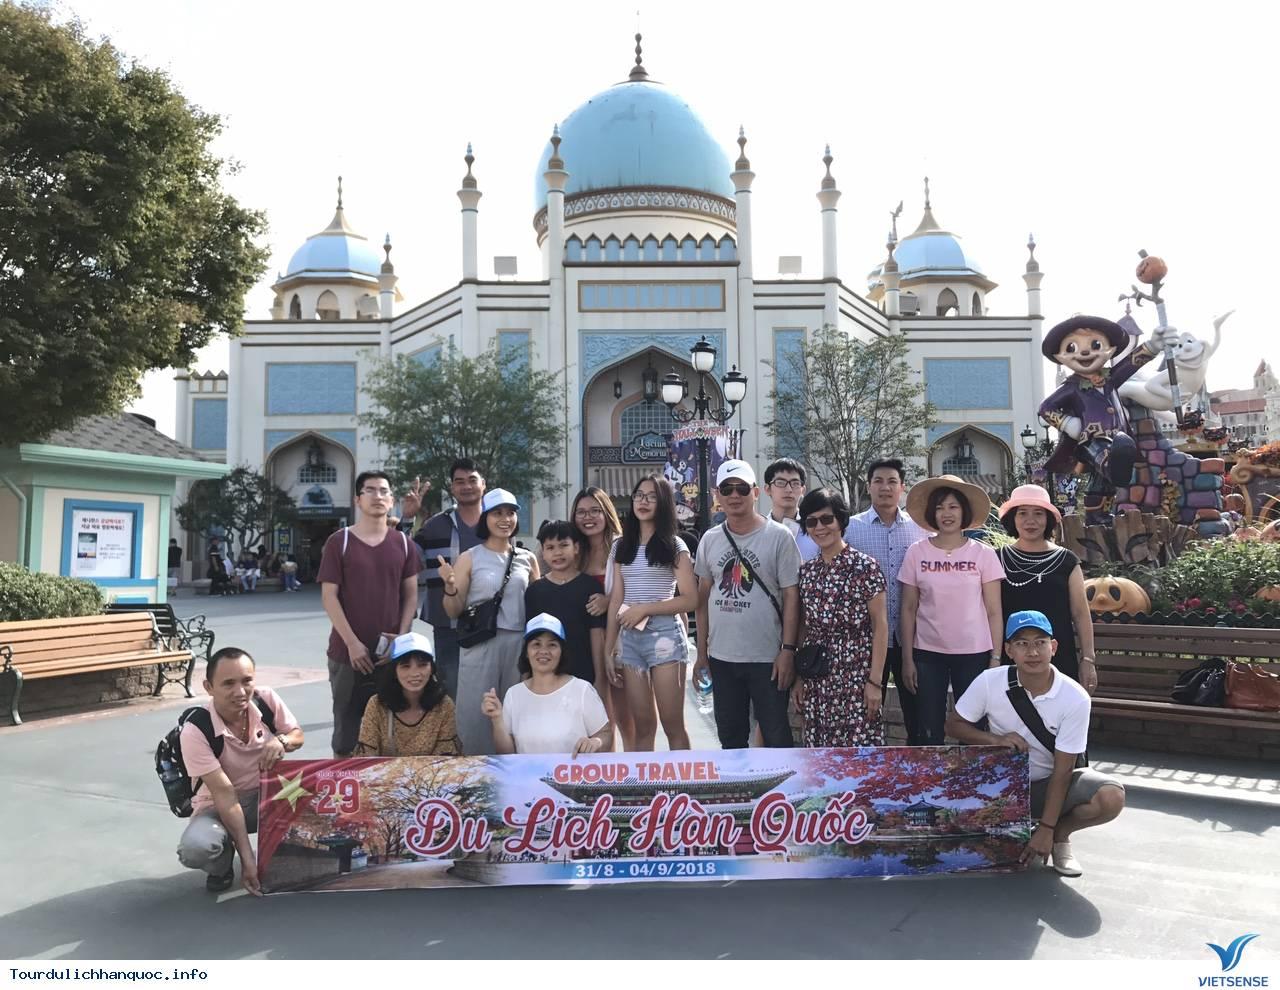 Hình ảnh đoàn Hàn Quốc 31/804/09/2018do Vietsense tổ chức - Ảnh 1